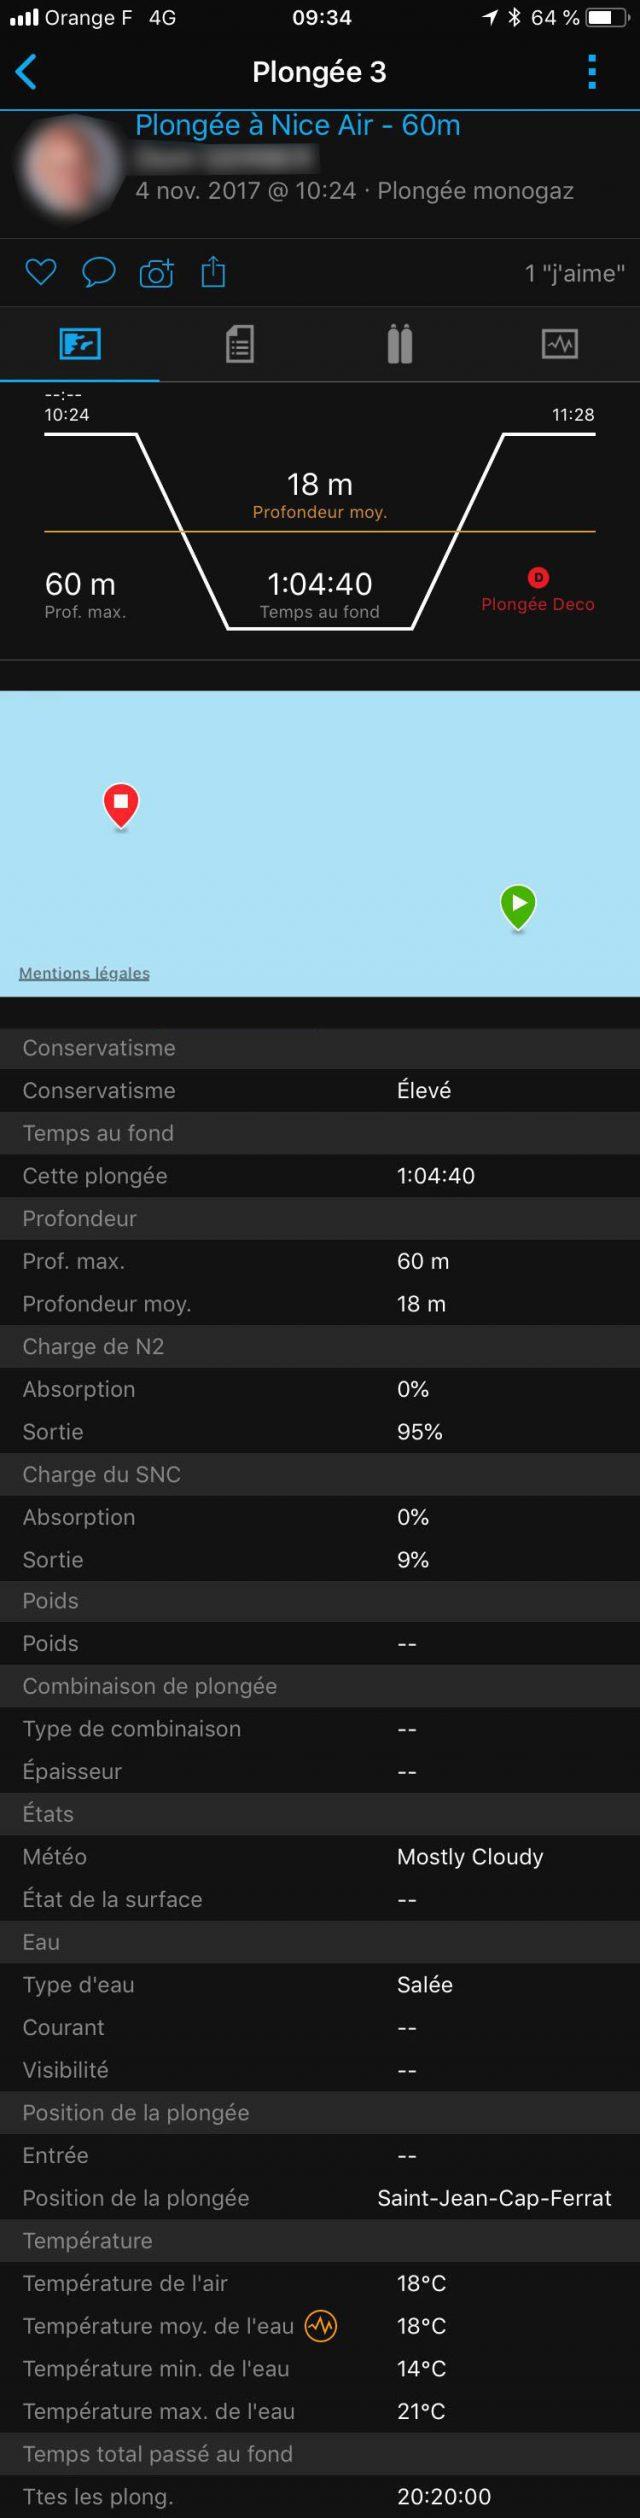 Descent MK1 données plongée